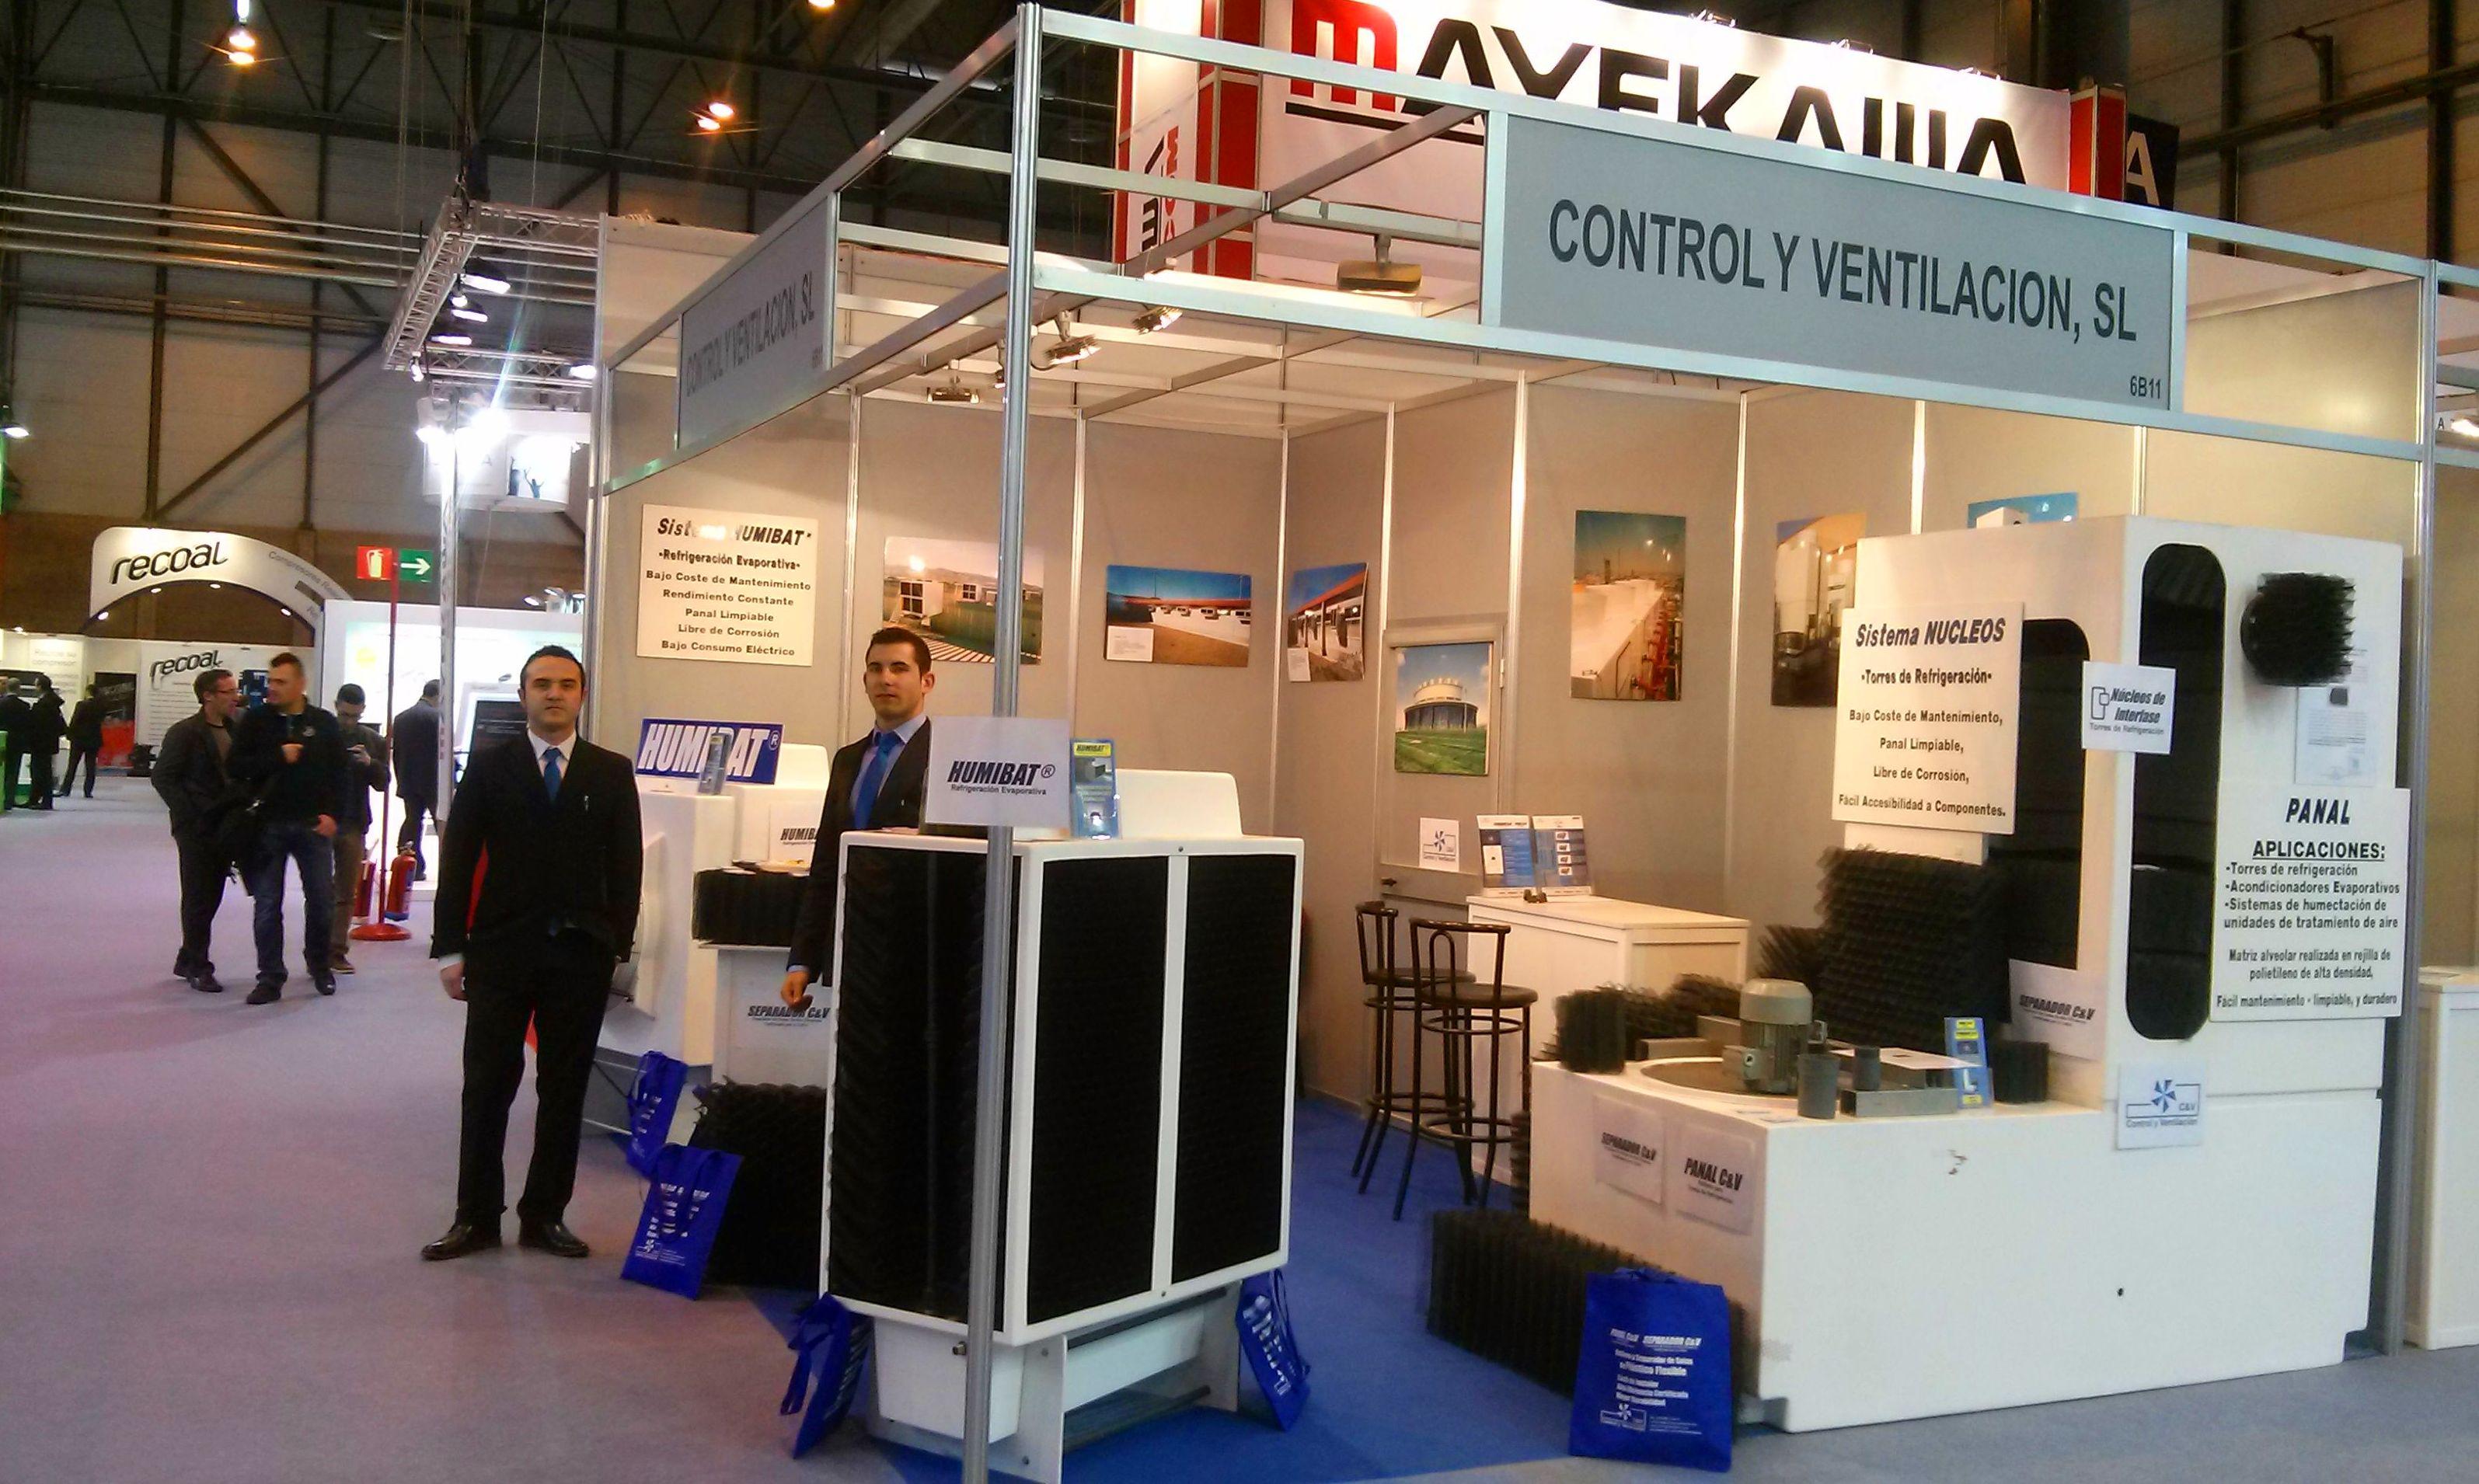 Exposición de productos de Control y Ventilación, S.L.